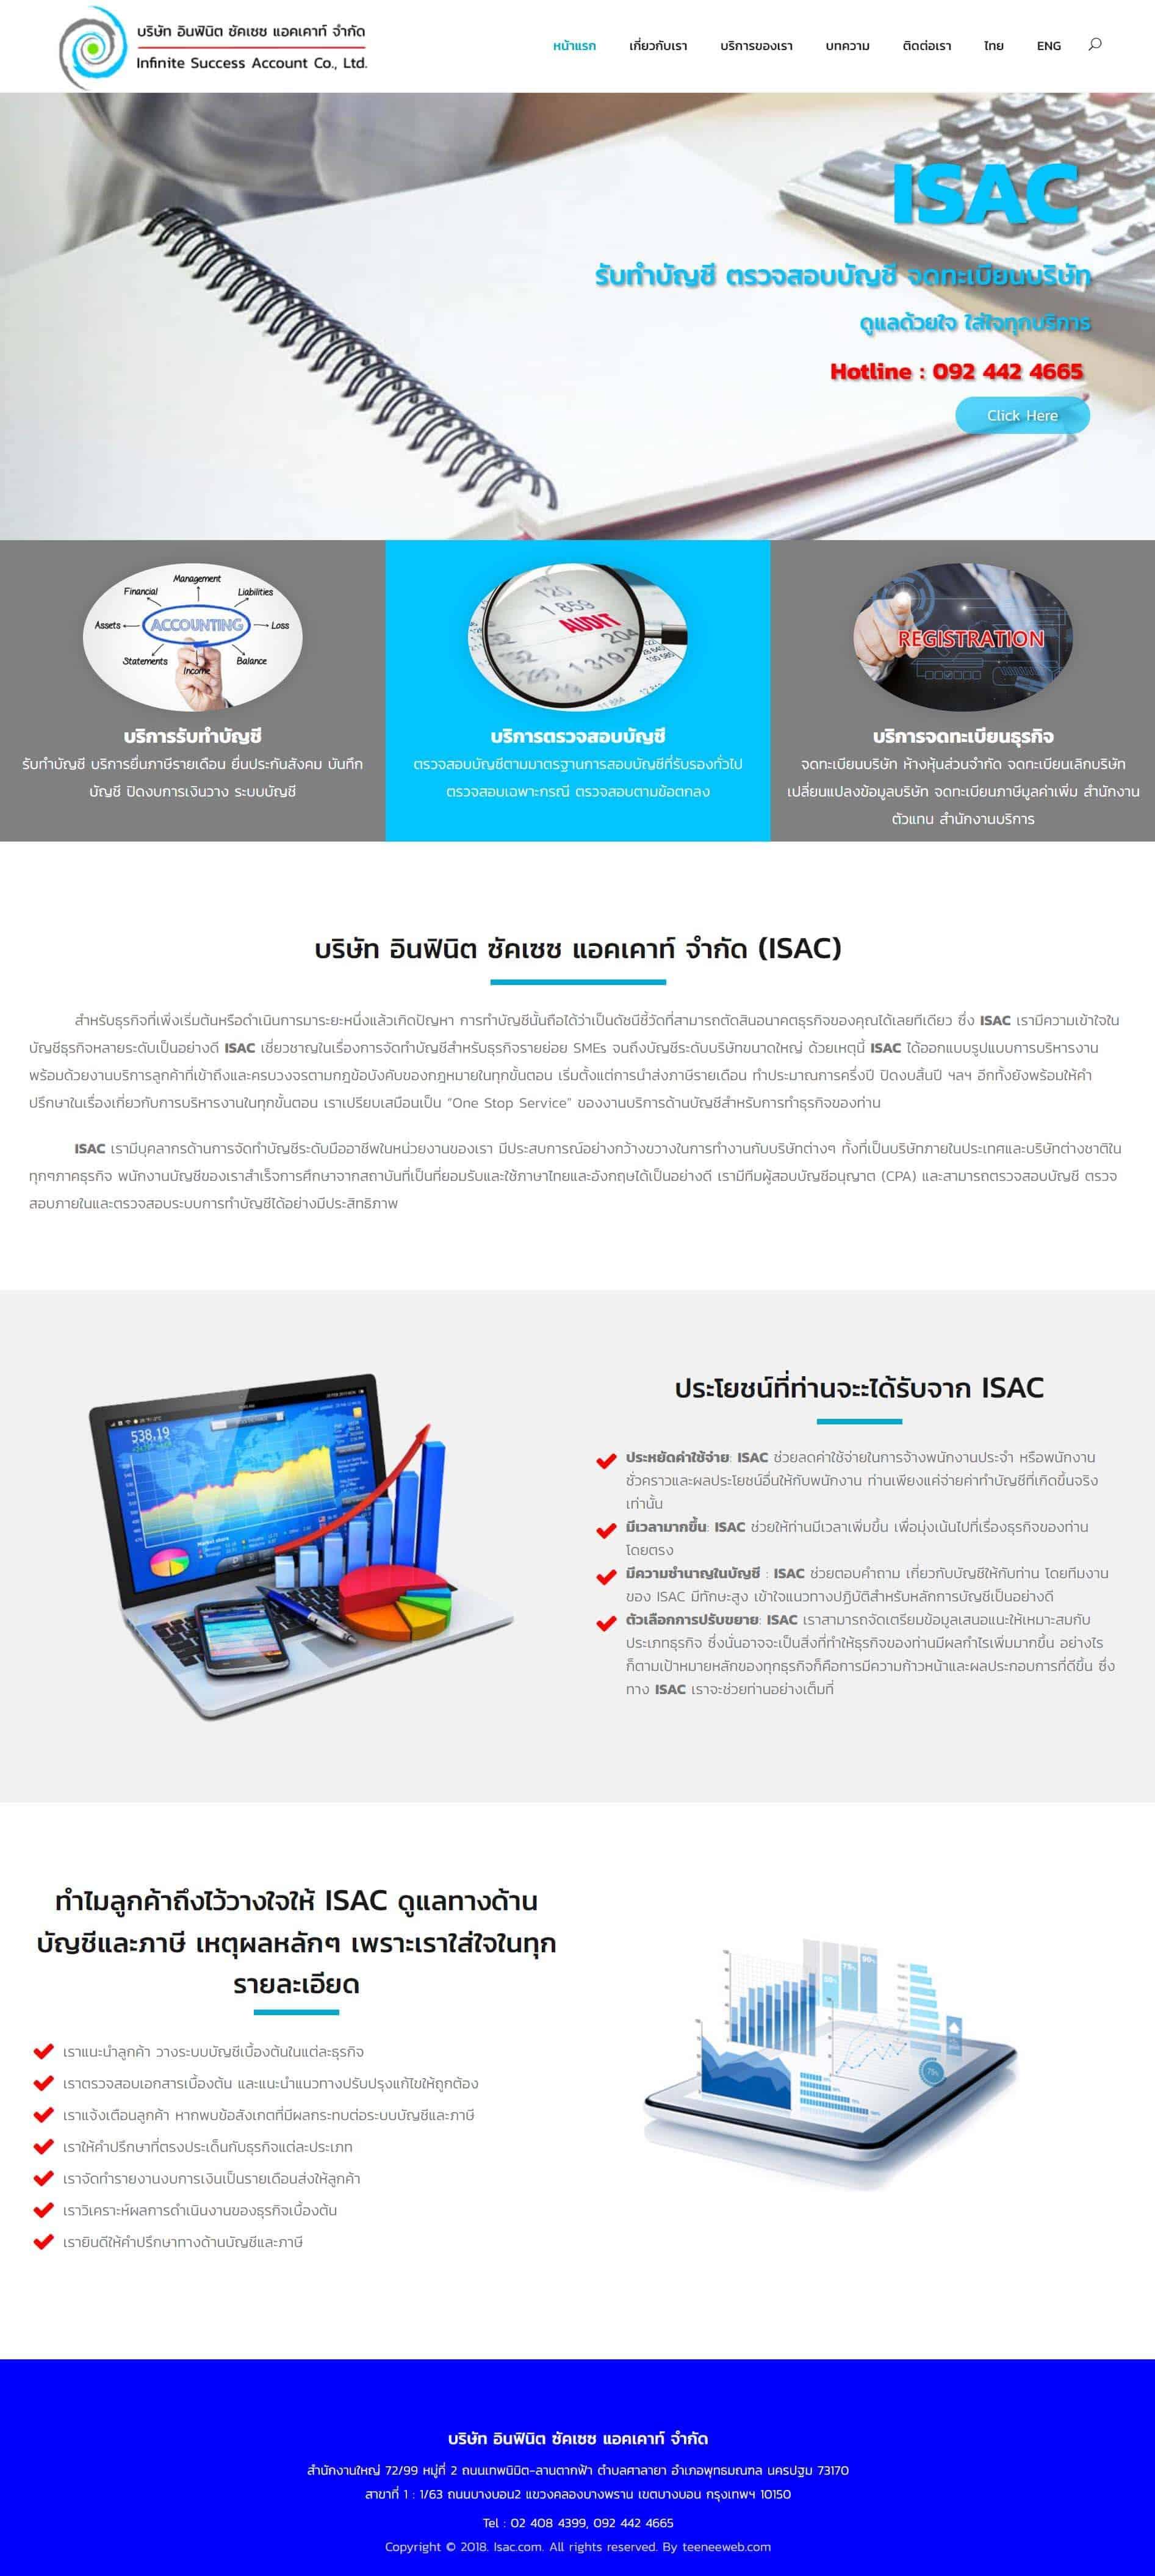 ตรวจสอบบัญชี | | บริการรับทำเว็บไซต์ ออกแบบเว็บไซต์ teeneeweb.com